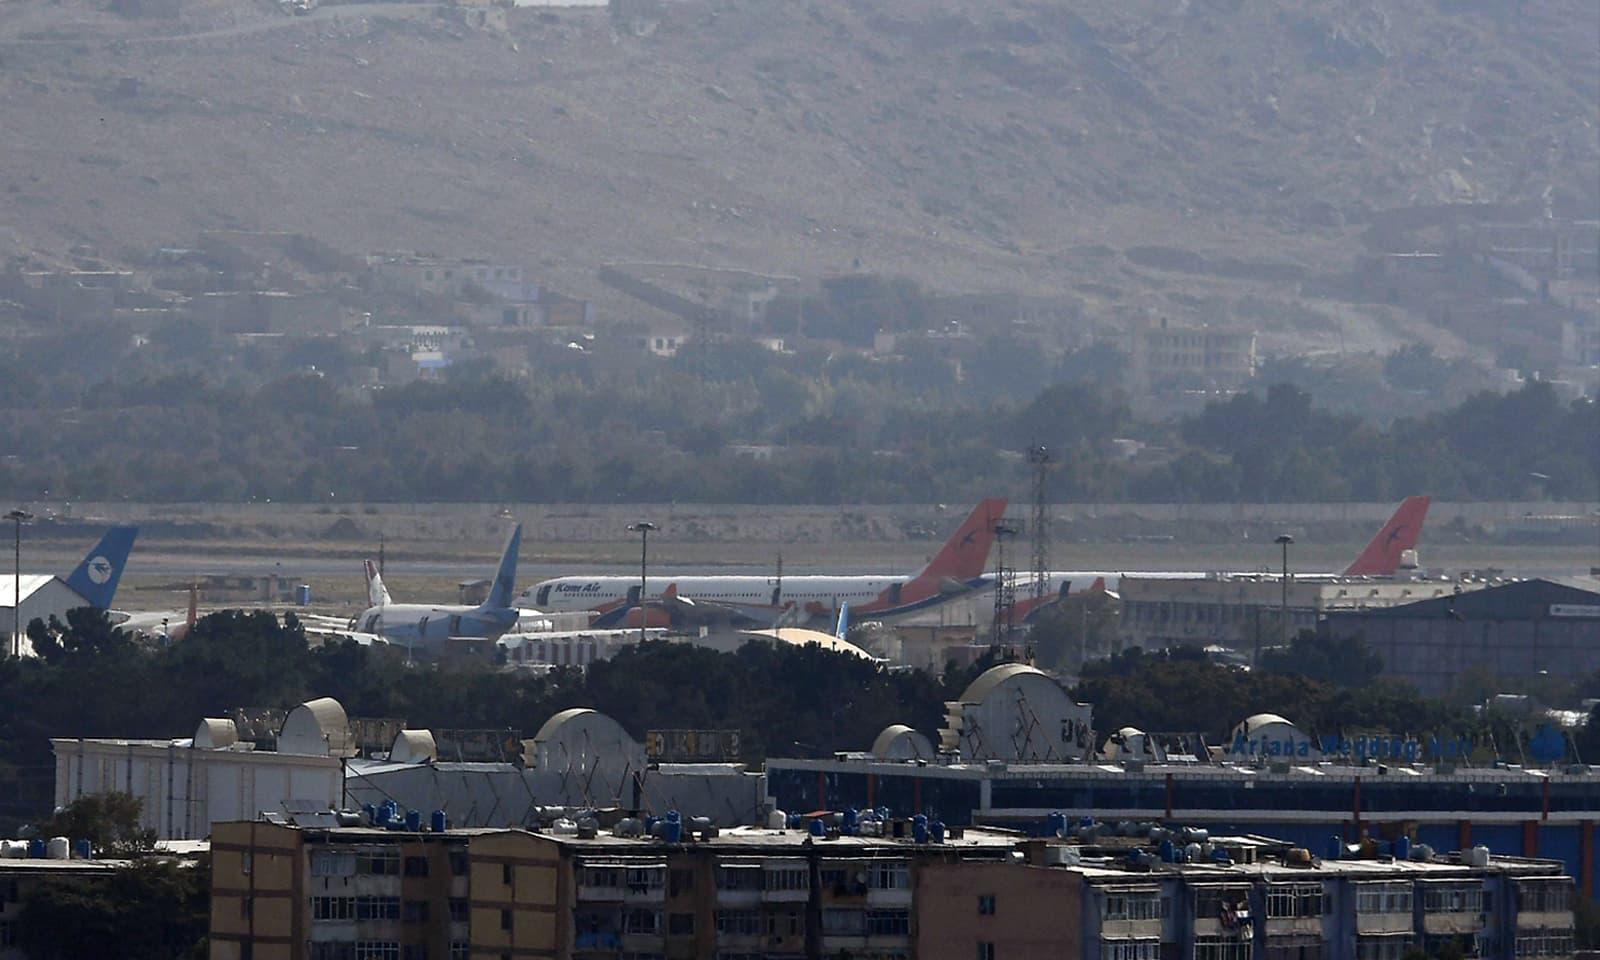 انخلا مکمل ہونے کے بعد کابل ایئرپورٹ پر نکارہ طیارے موجود ہیں — فوٹو: اے ایف پی